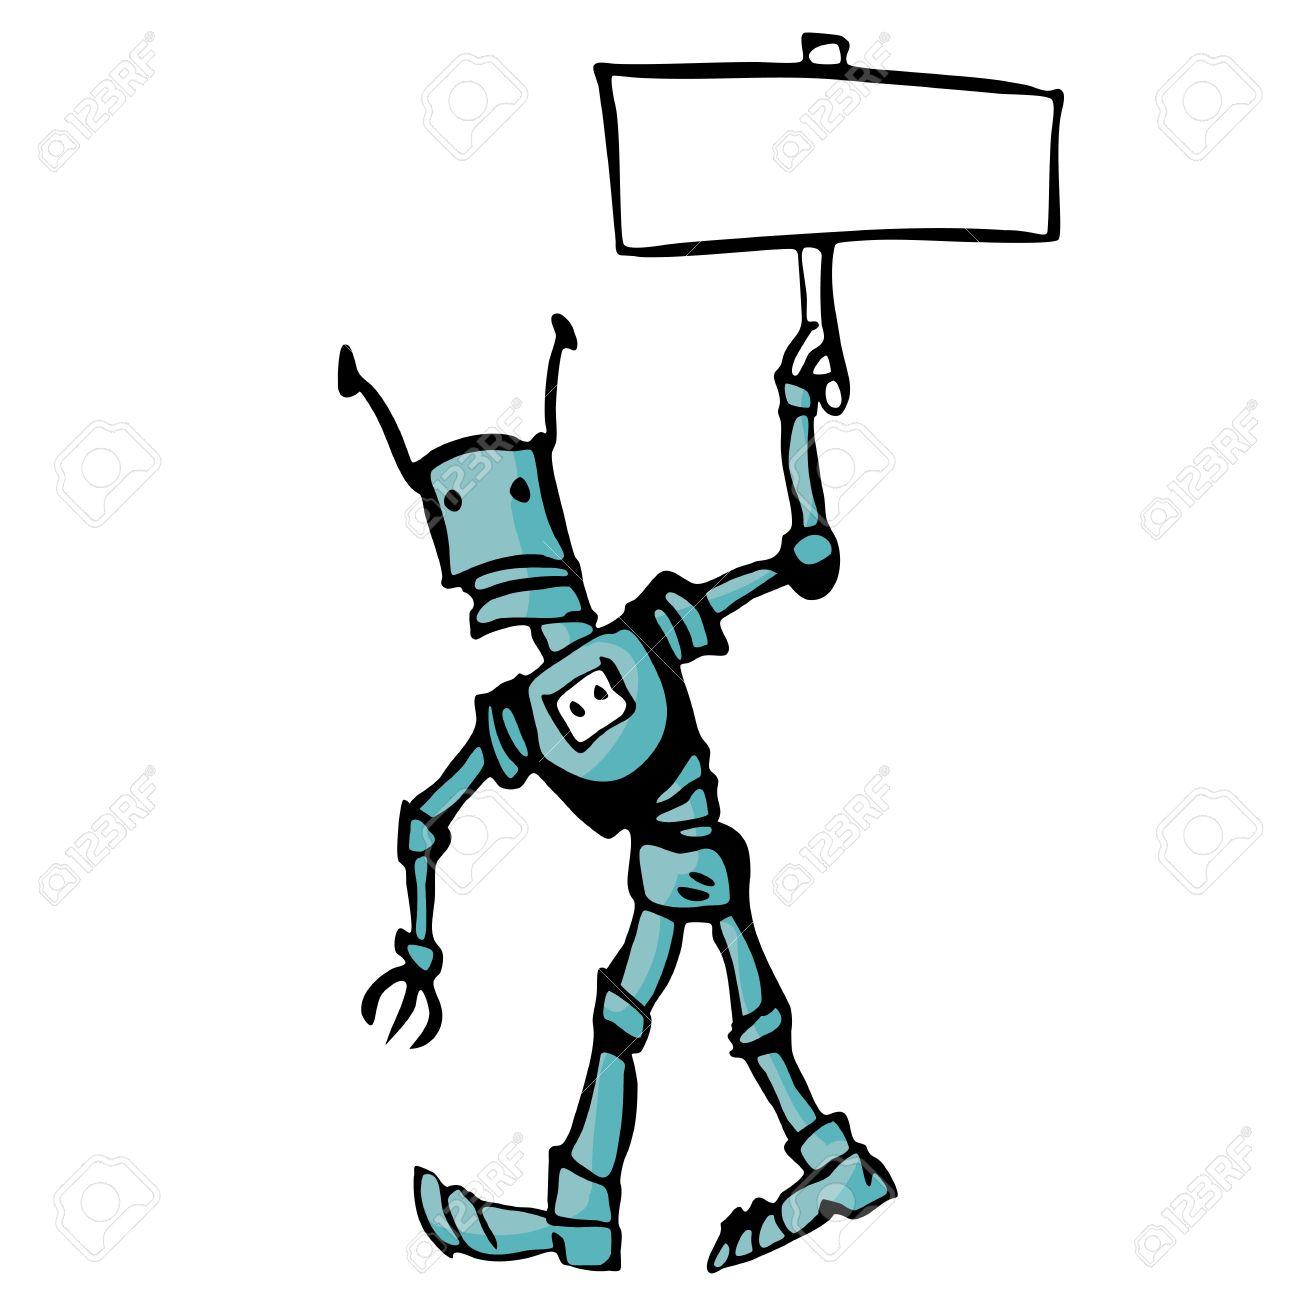 Cartoon robot. Illustration on white background for design Stock Vector - 17989271